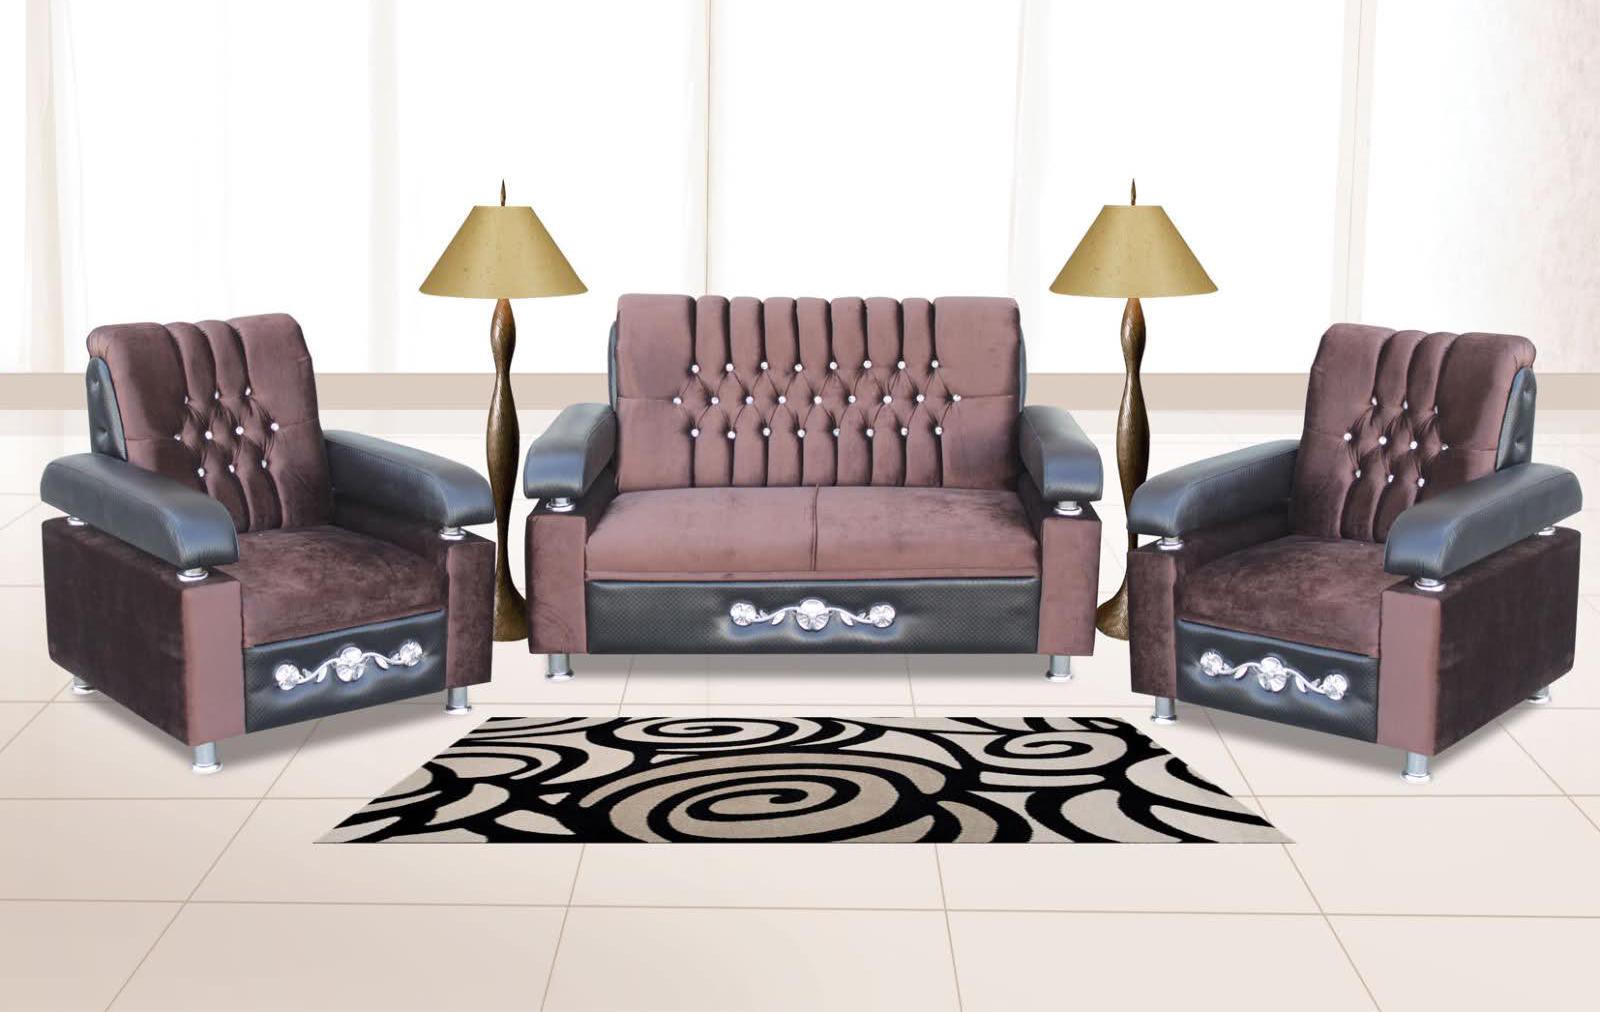 furniture exports on decline financial tribune. Black Bedroom Furniture Sets. Home Design Ideas